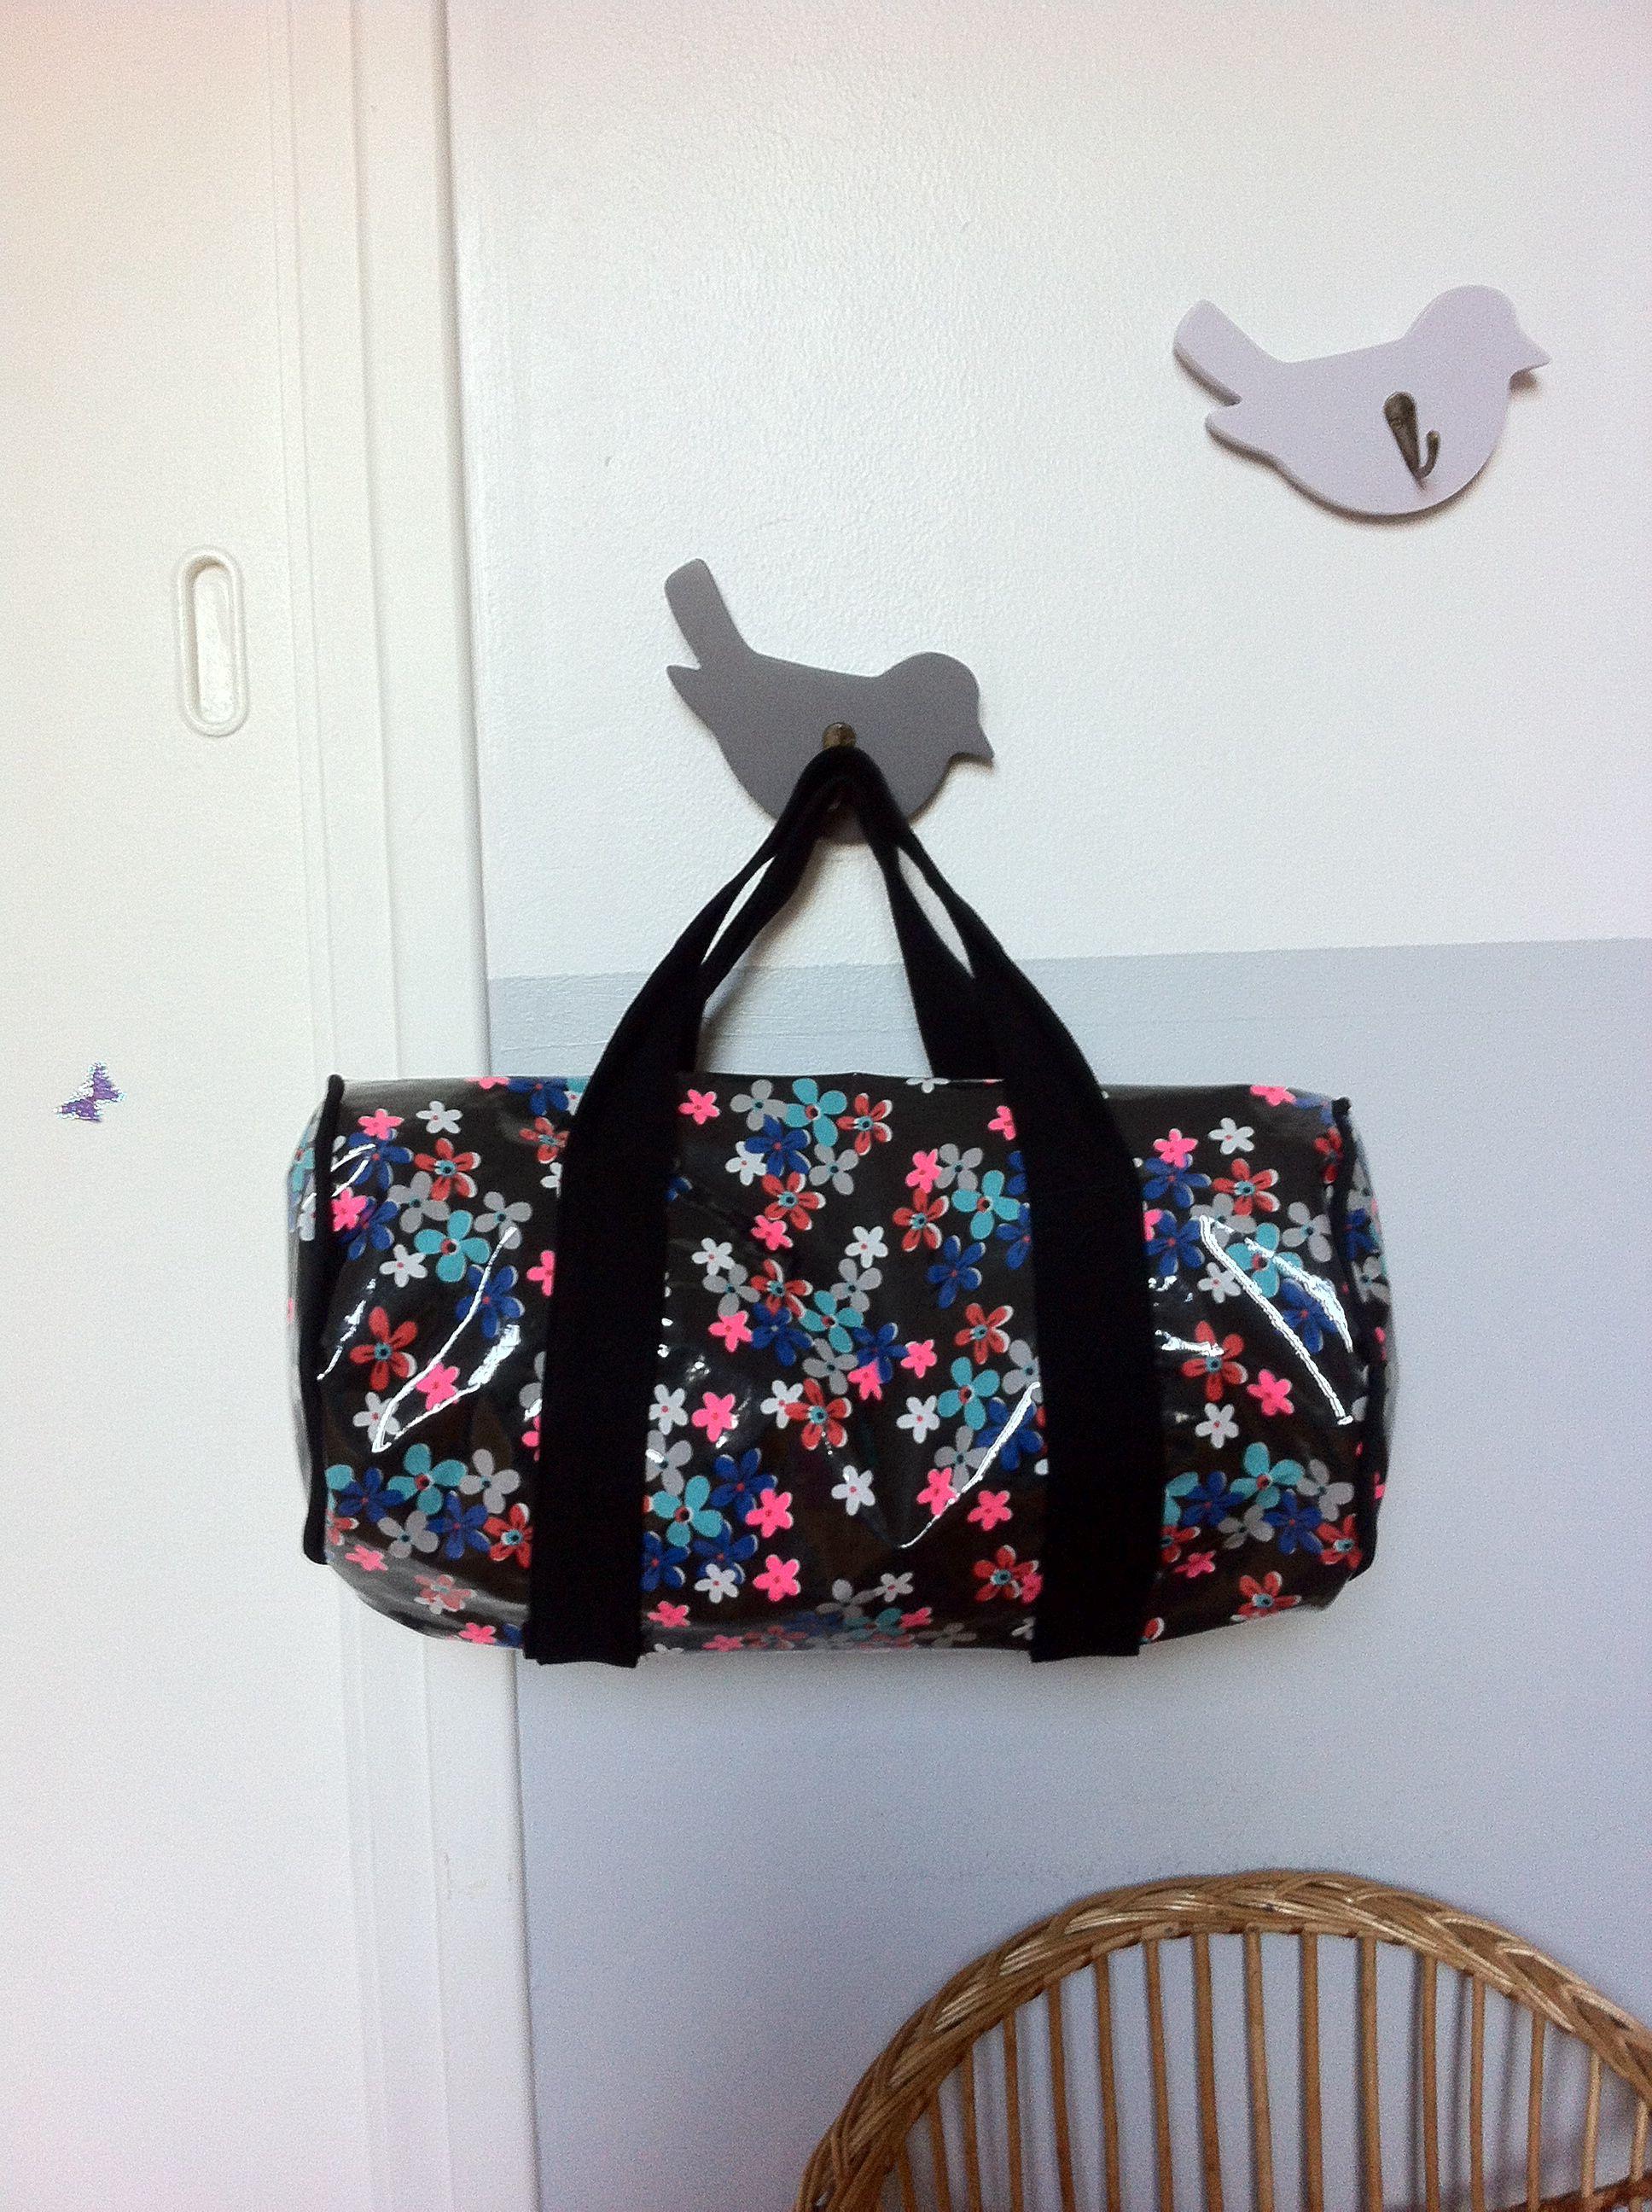 lili rose d cembre 2013 sac de piscine en tissu enduit petit pan d 39 apr s le tuto fds sac de. Black Bedroom Furniture Sets. Home Design Ideas